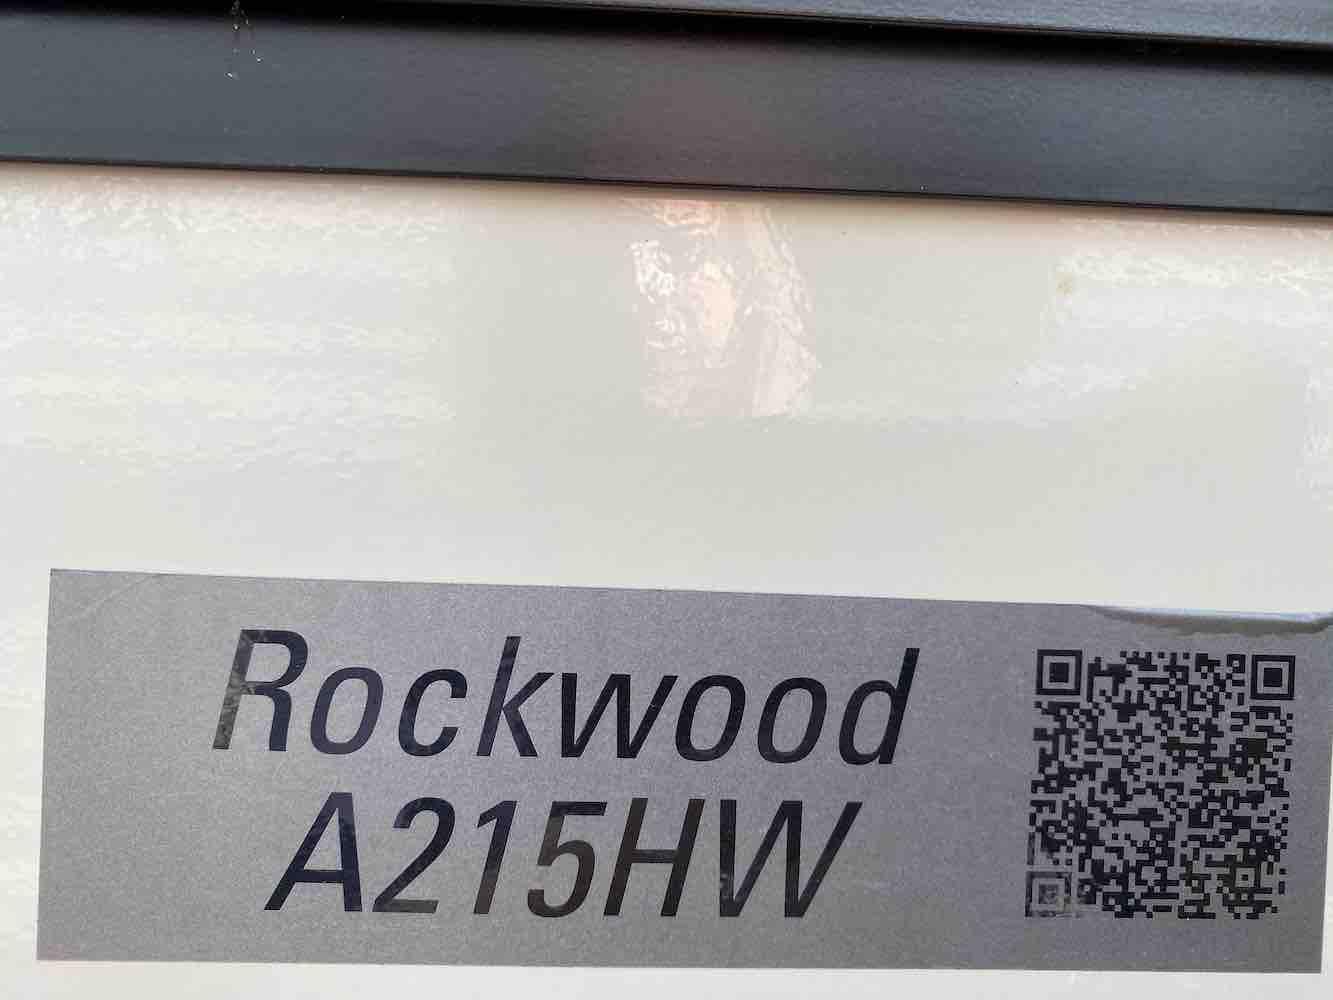 2018 FOREST RIVER ROCKWOOD PREMIER A215HW full